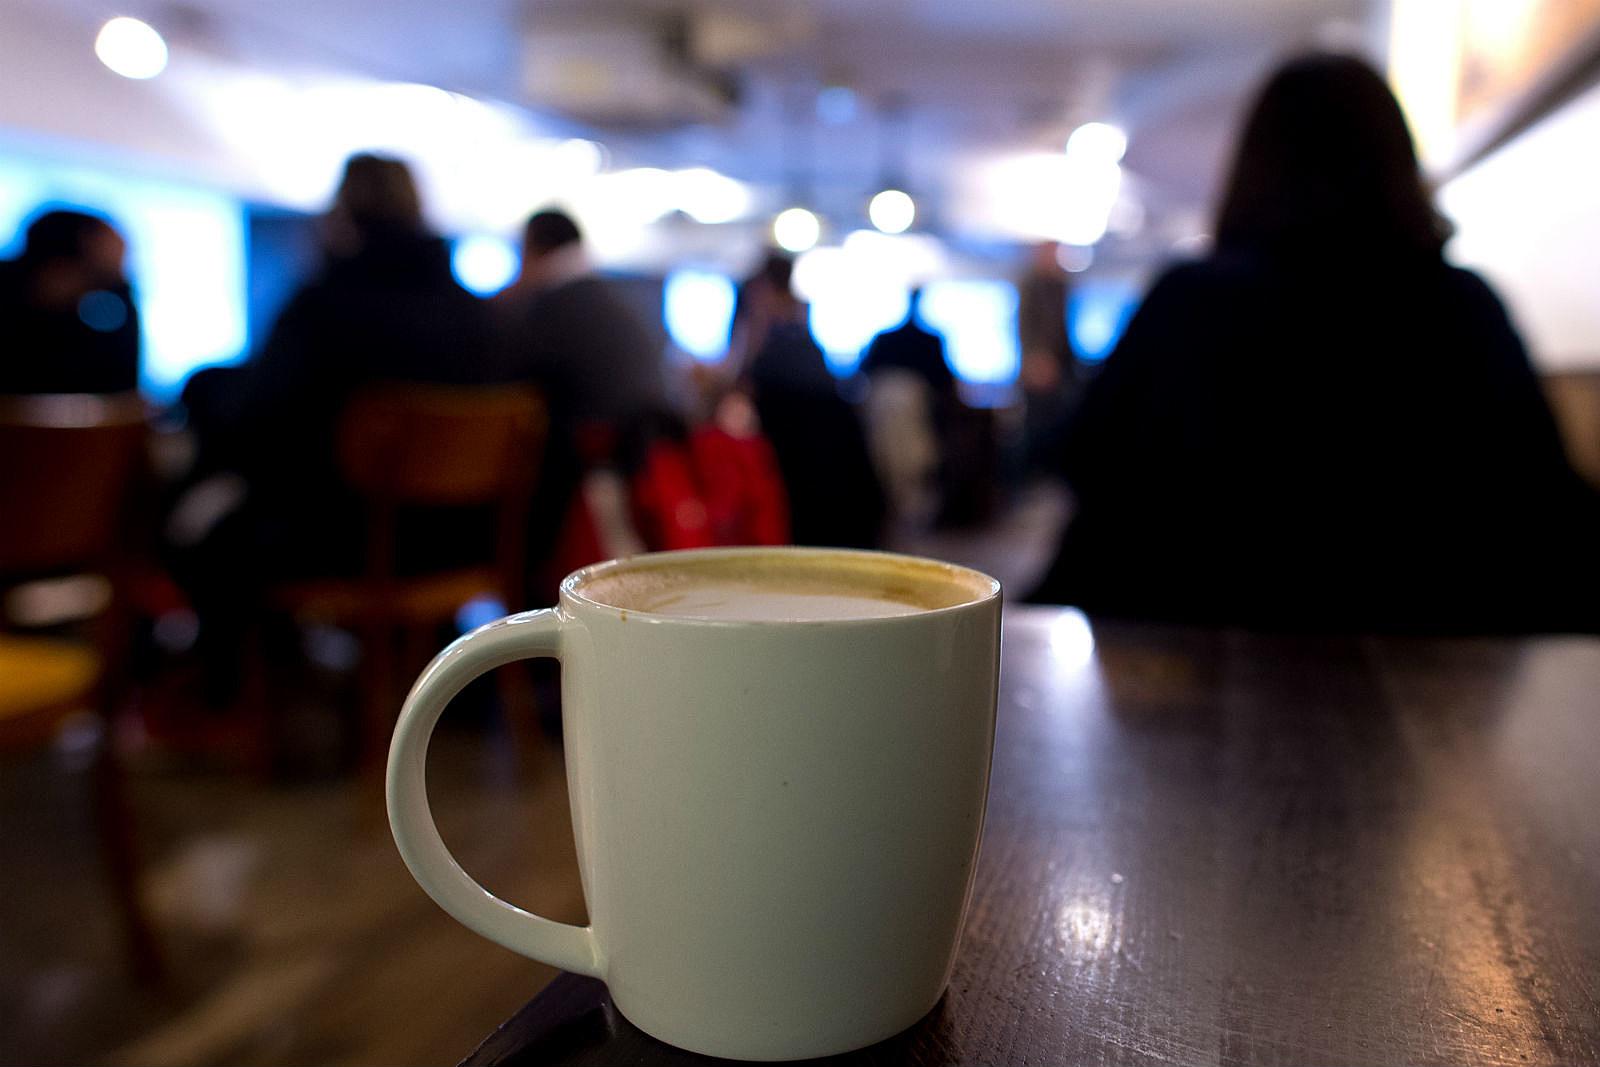 Coffee_Ben Pruchnie/Getty